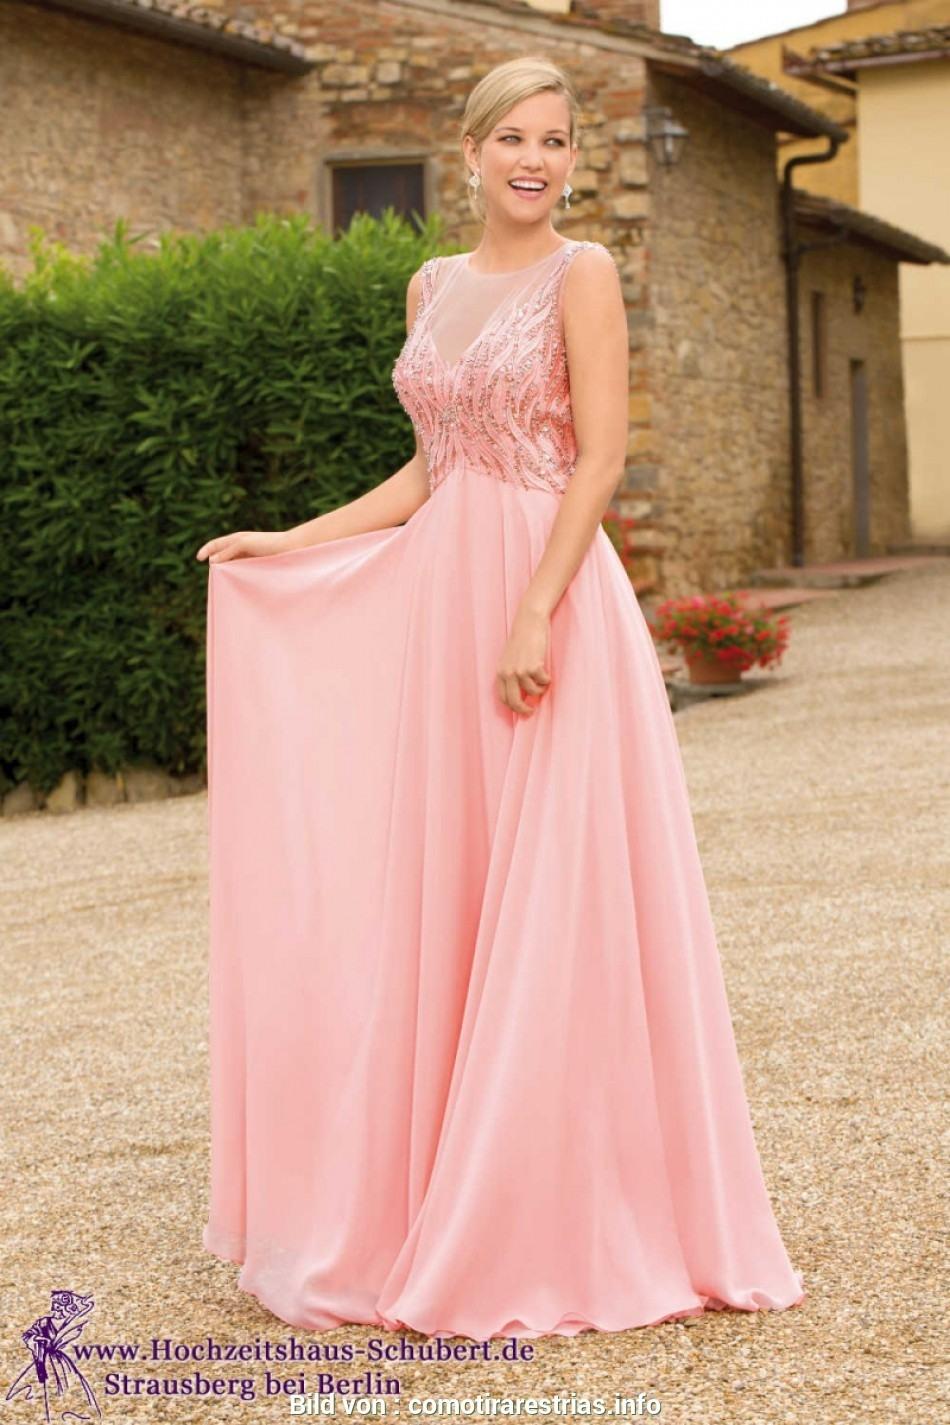 Schön Abendkleider Ausleihen Bester Preis15 Großartig Abendkleider Ausleihen Vertrieb